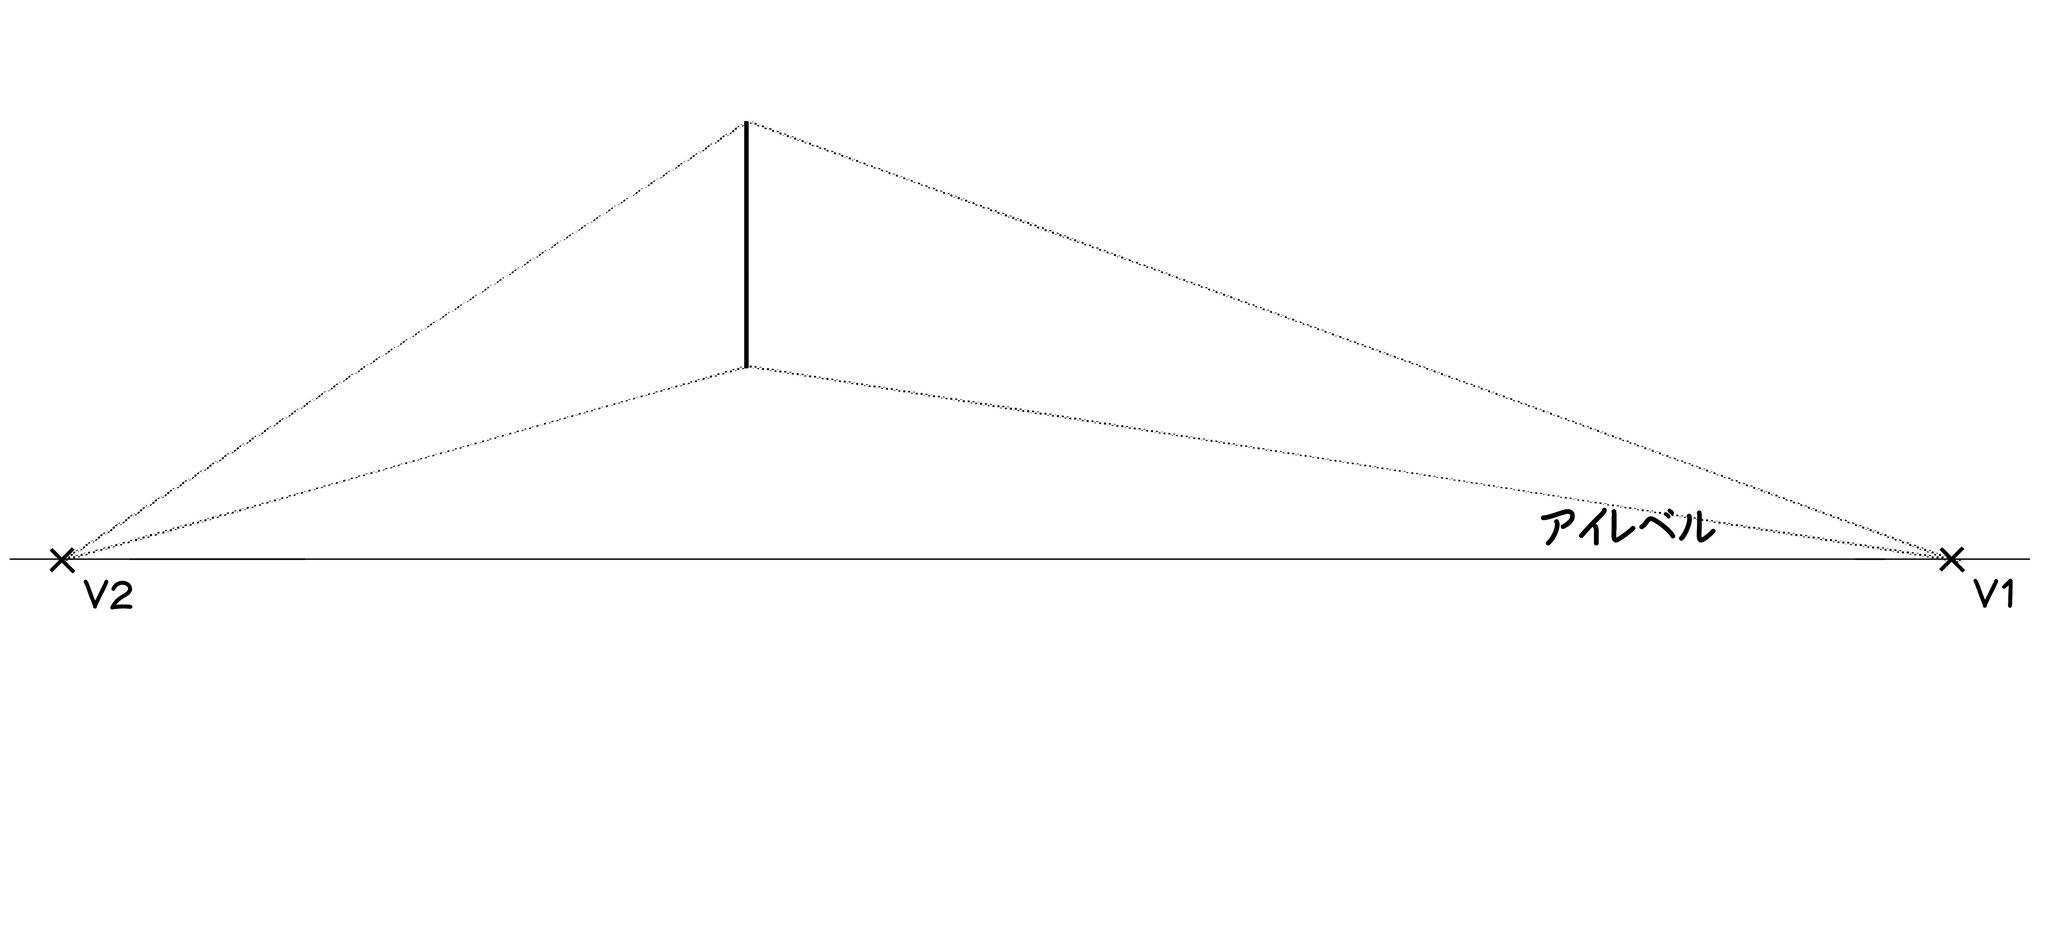 ③今描いた辺の上端と下端からV1とV2に向かって、縦方向と横方向の補助線を引きます